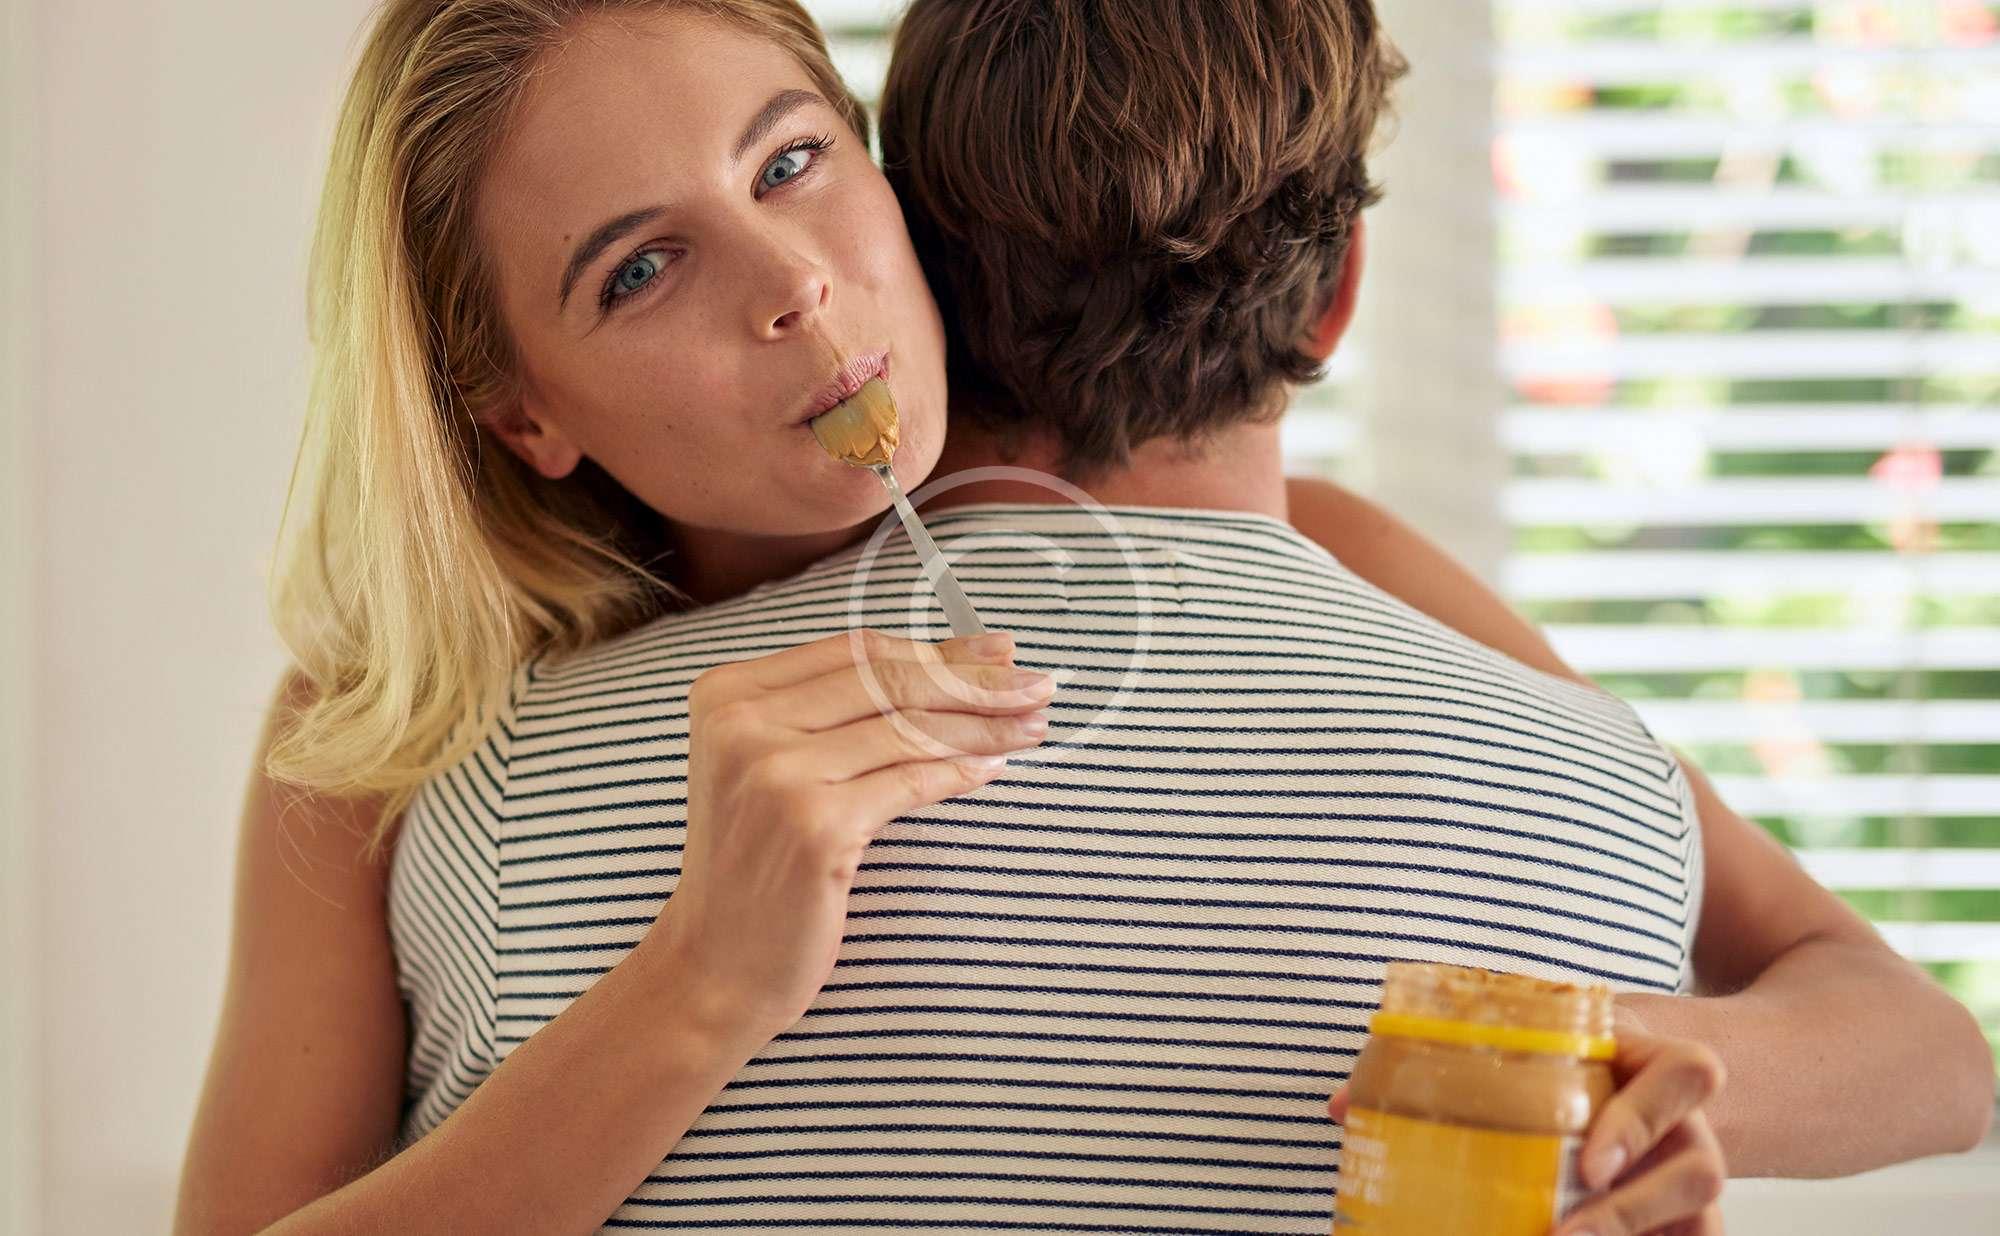 ¿Cómo saber si mi hijo/a tiene un trastorno de alimentación? ¿Te suena familiar?